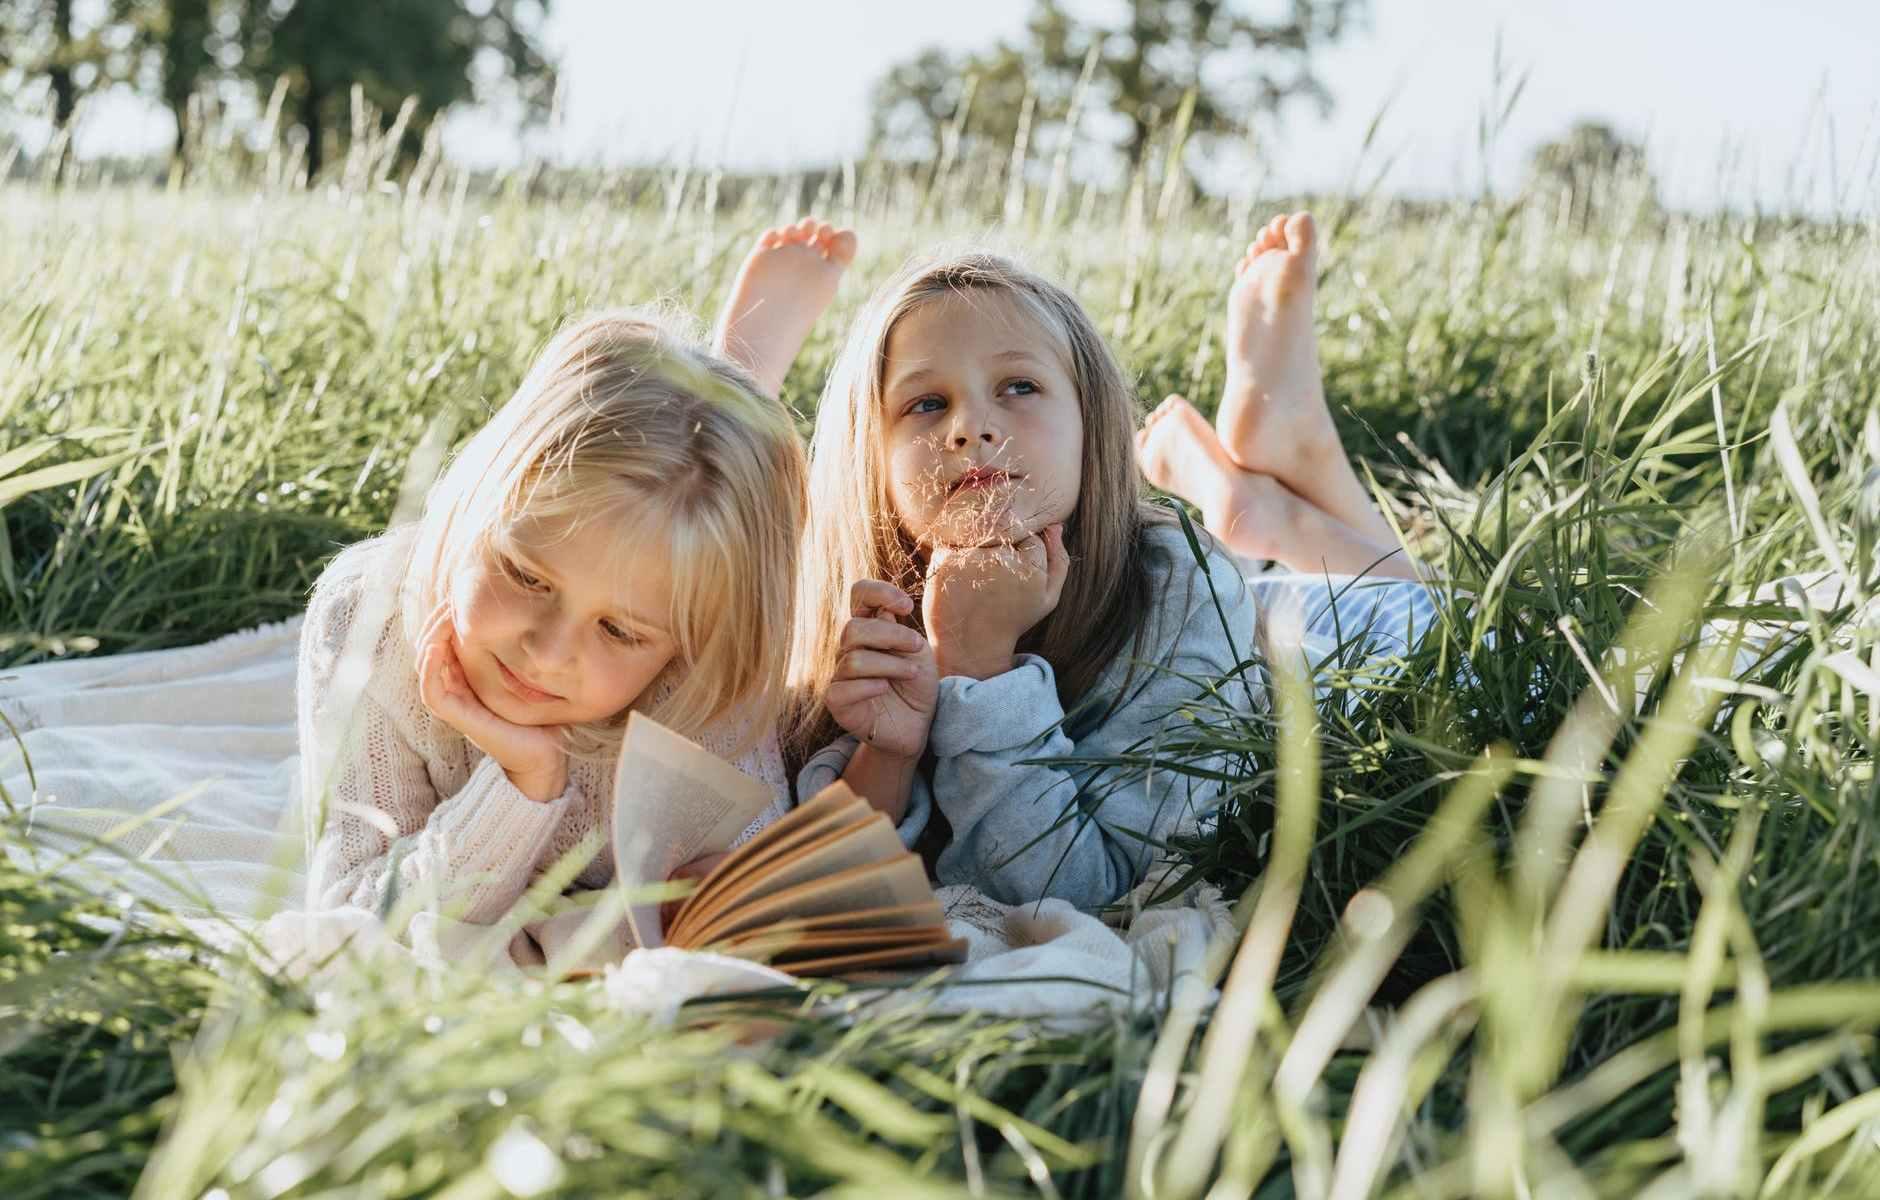 little girls lying on green grass field